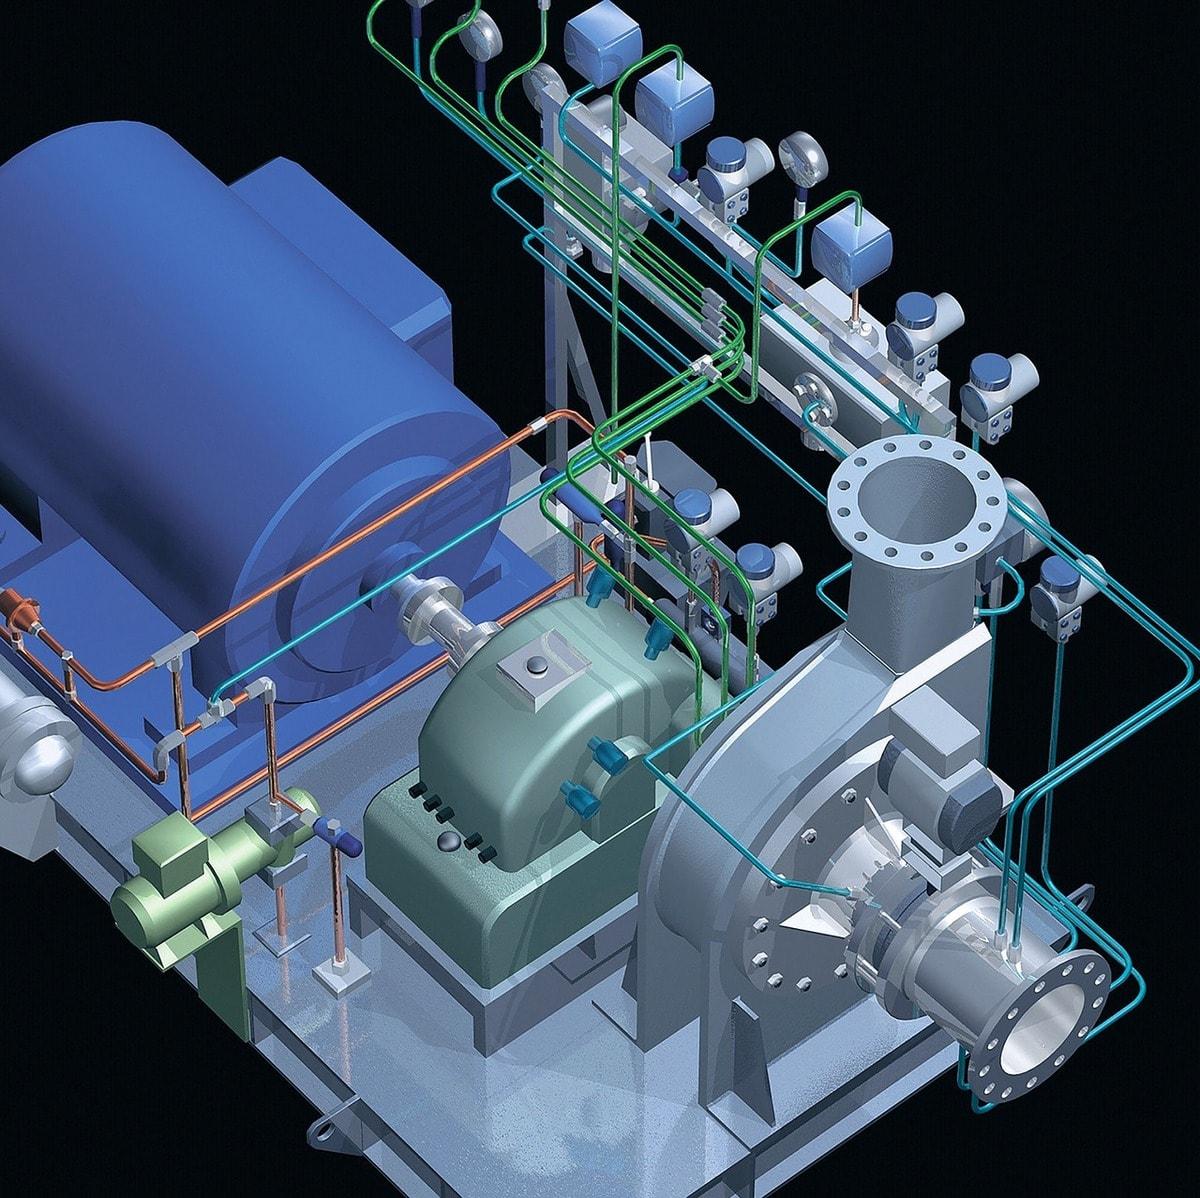 3д модель механизма